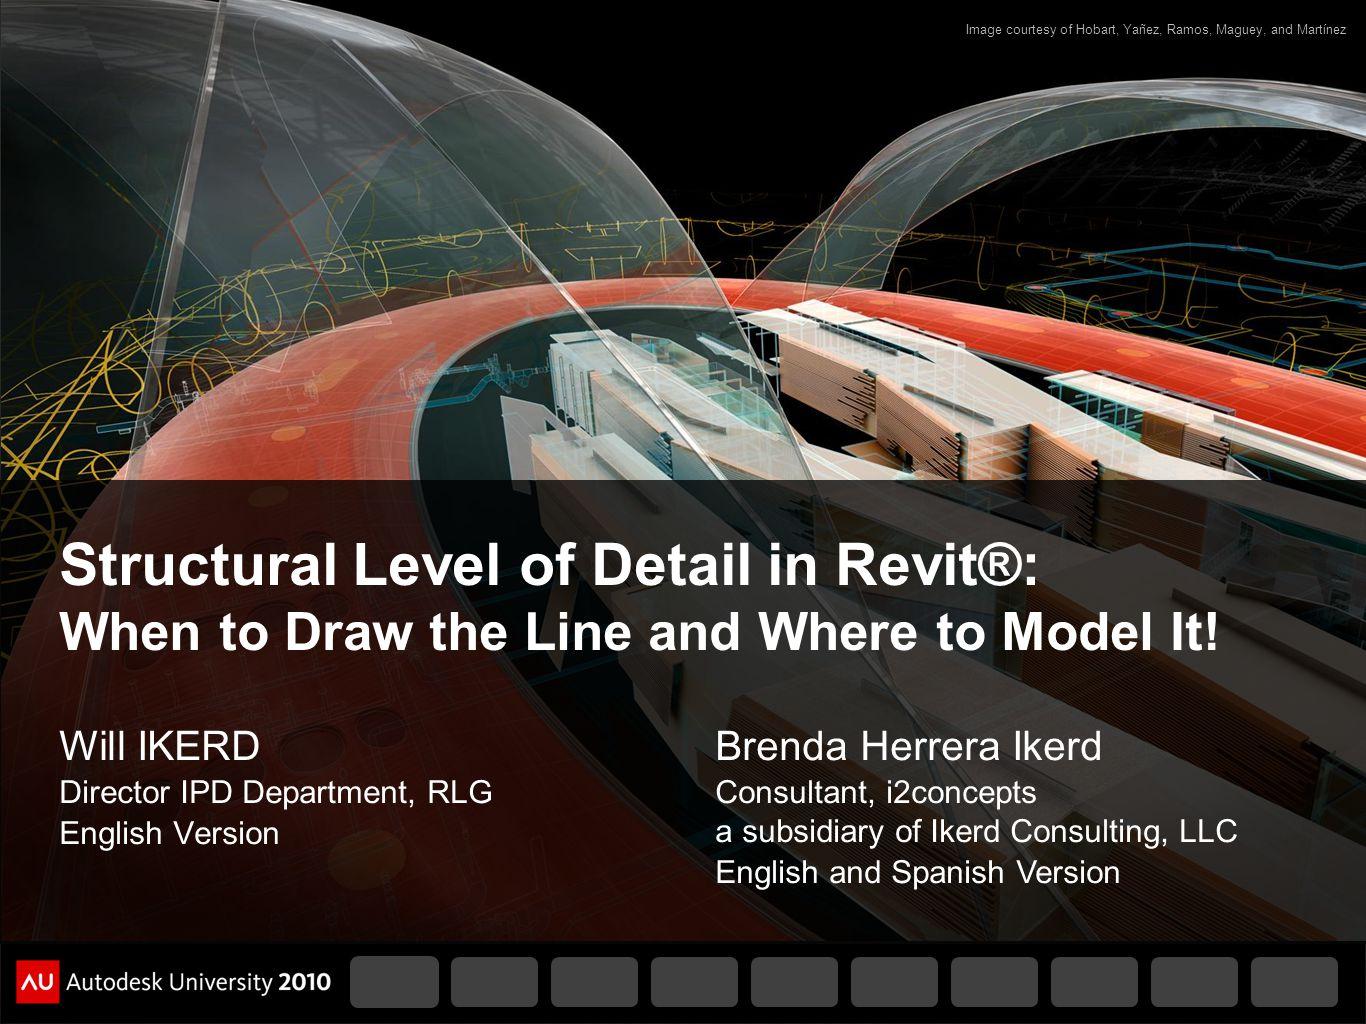 Image courtesy of Hobart, Yañez, Ramos, Maguey, and Martínez